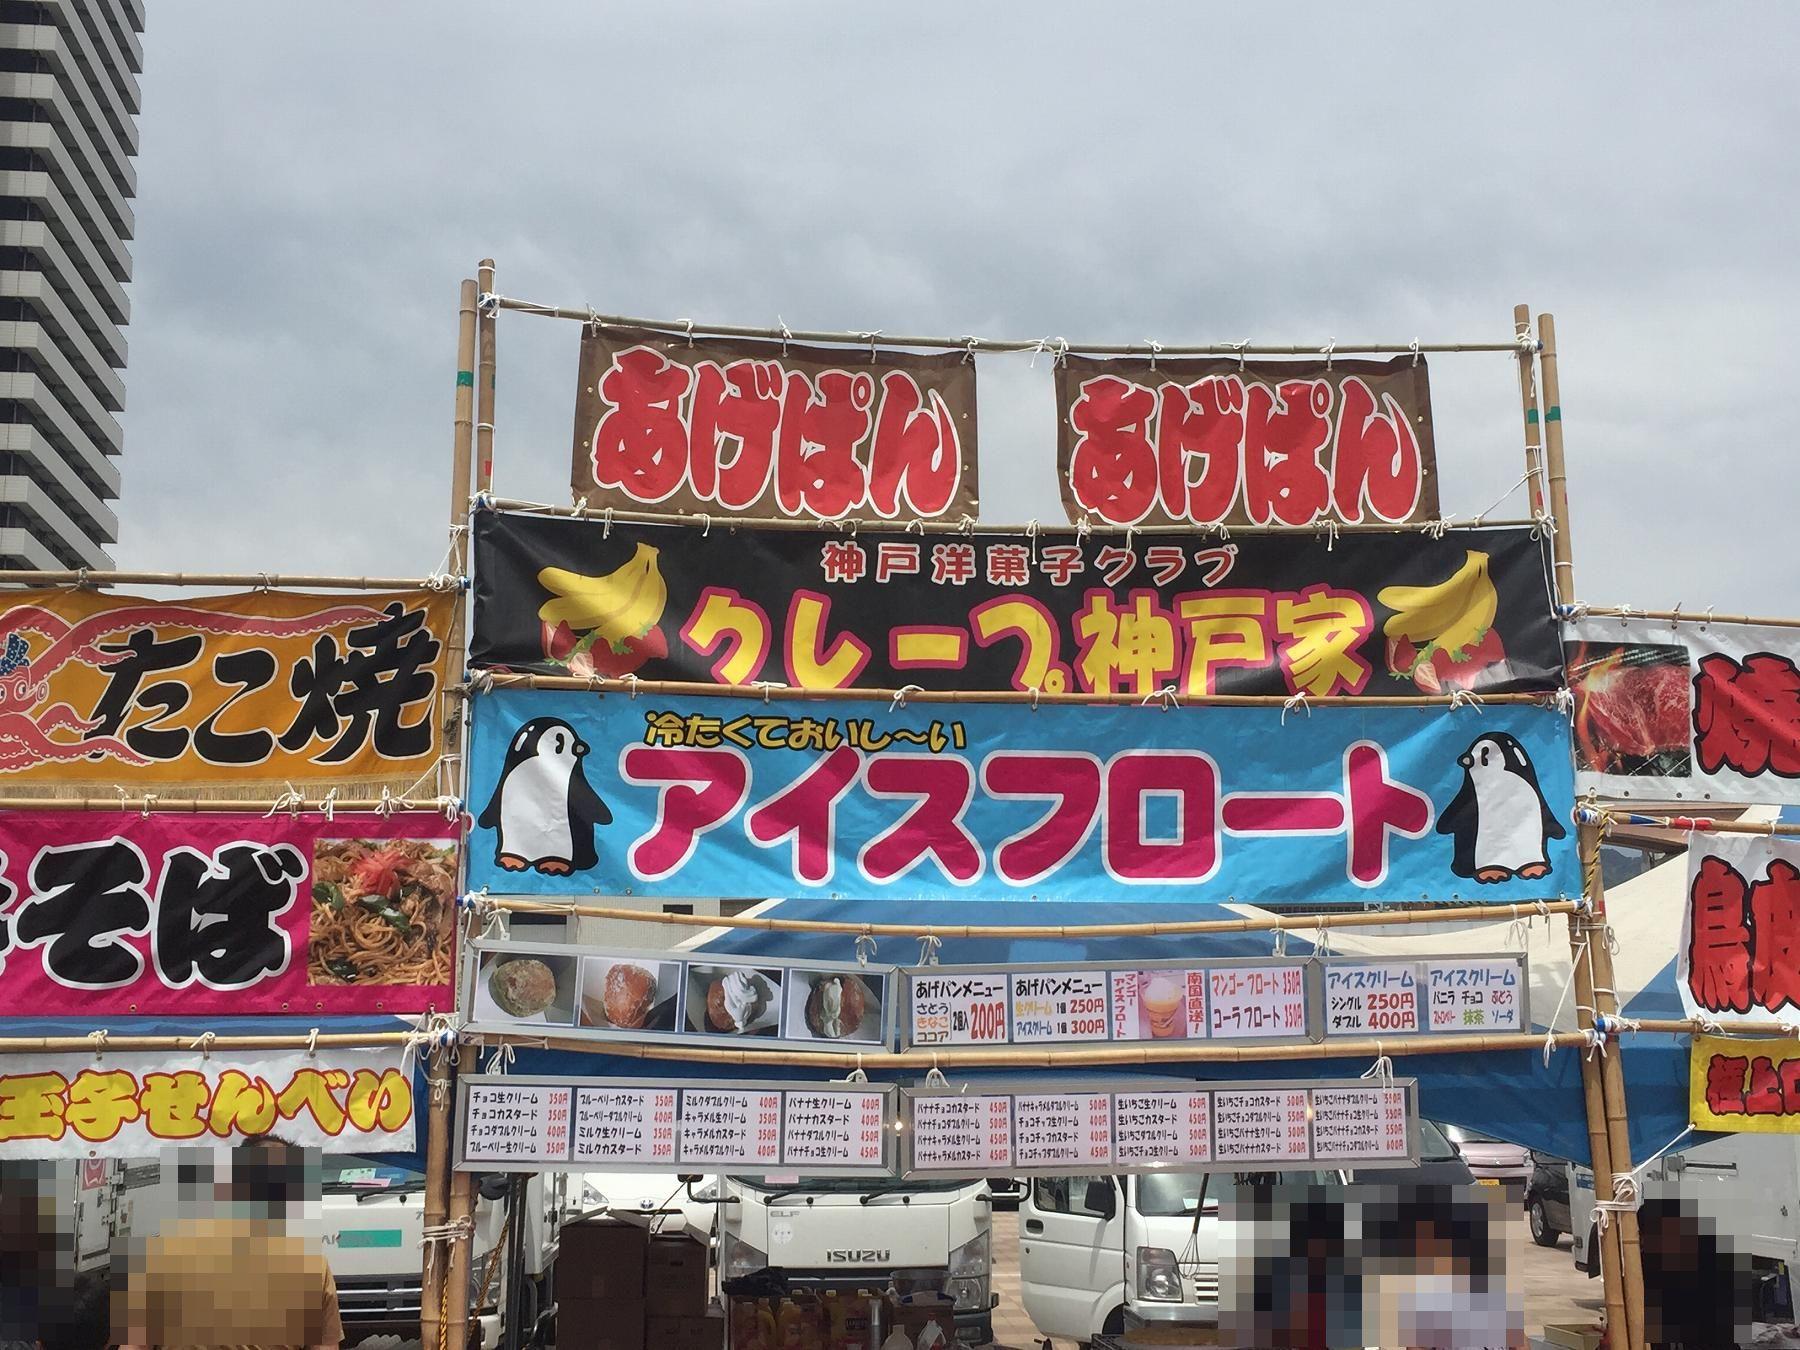 「KOBEメリケンフェスタ2018」が神戸・メリケンパークで5月3日(木)~5日(土)に開催されるよ! #メリケンパーク #KOBEメリケンフェスタ #神戸観光 #ゴールデンウィーク